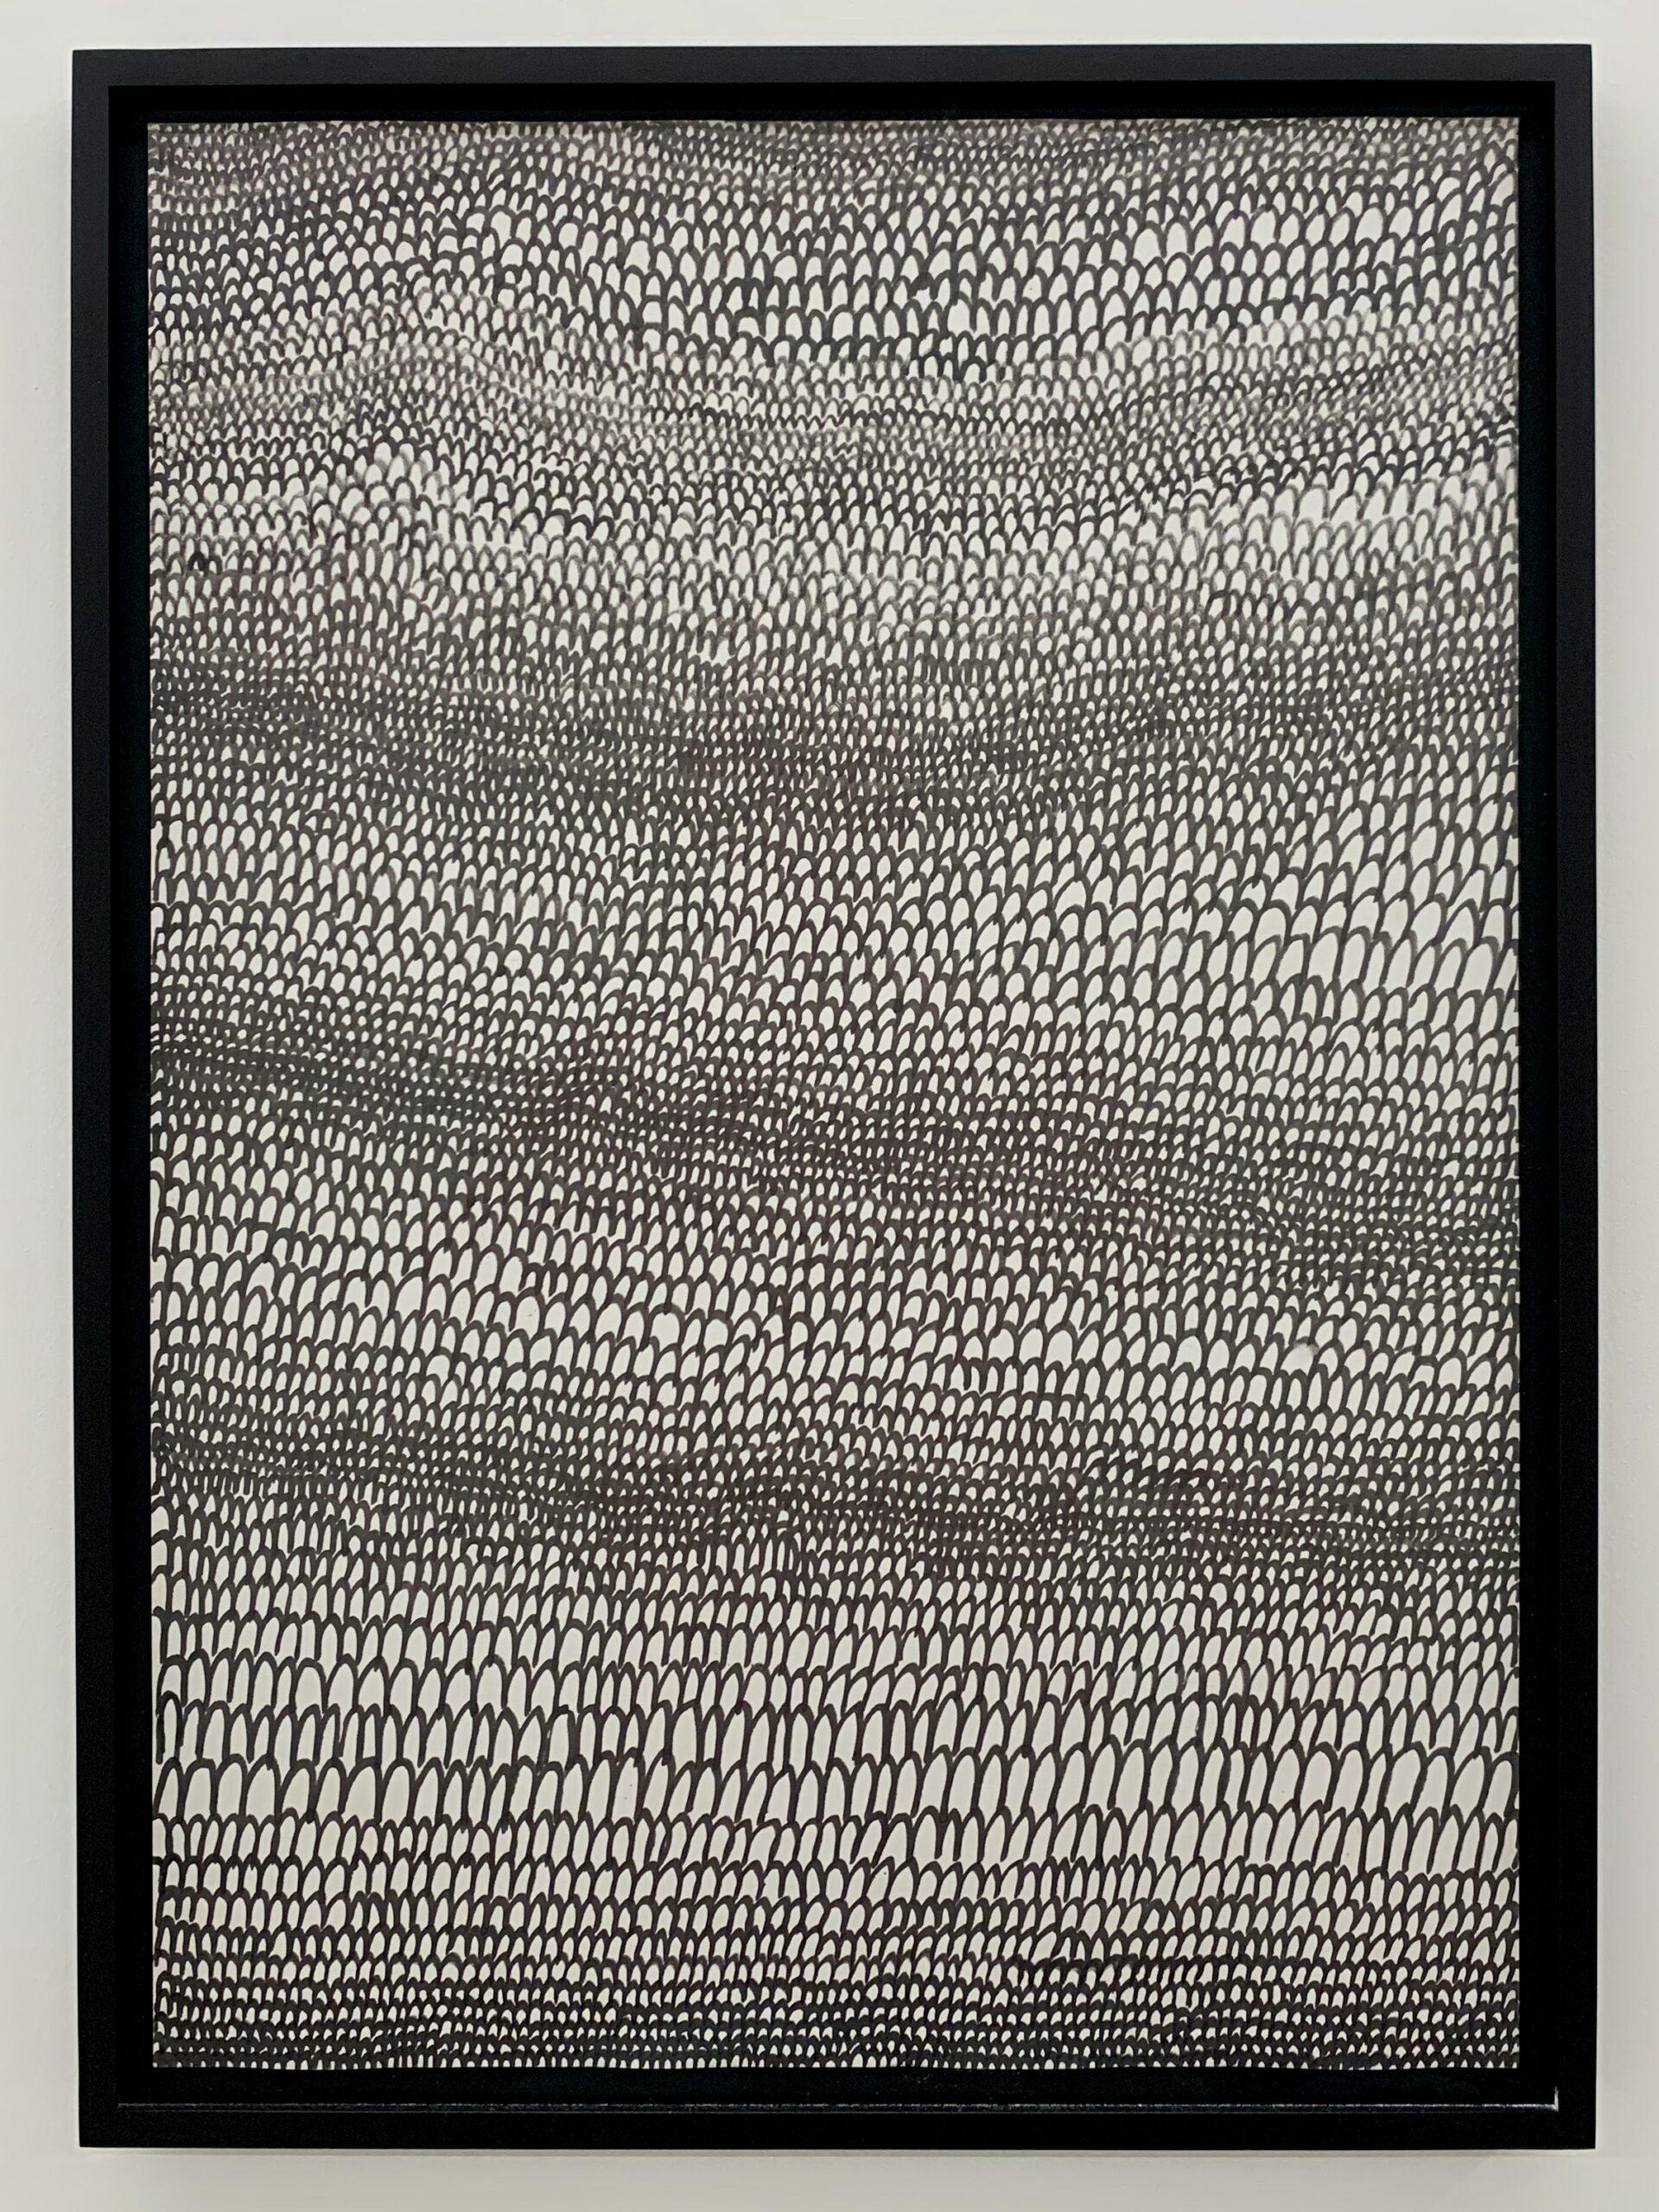 Ewerdt Hilgemann - Untitled drawing, 1959